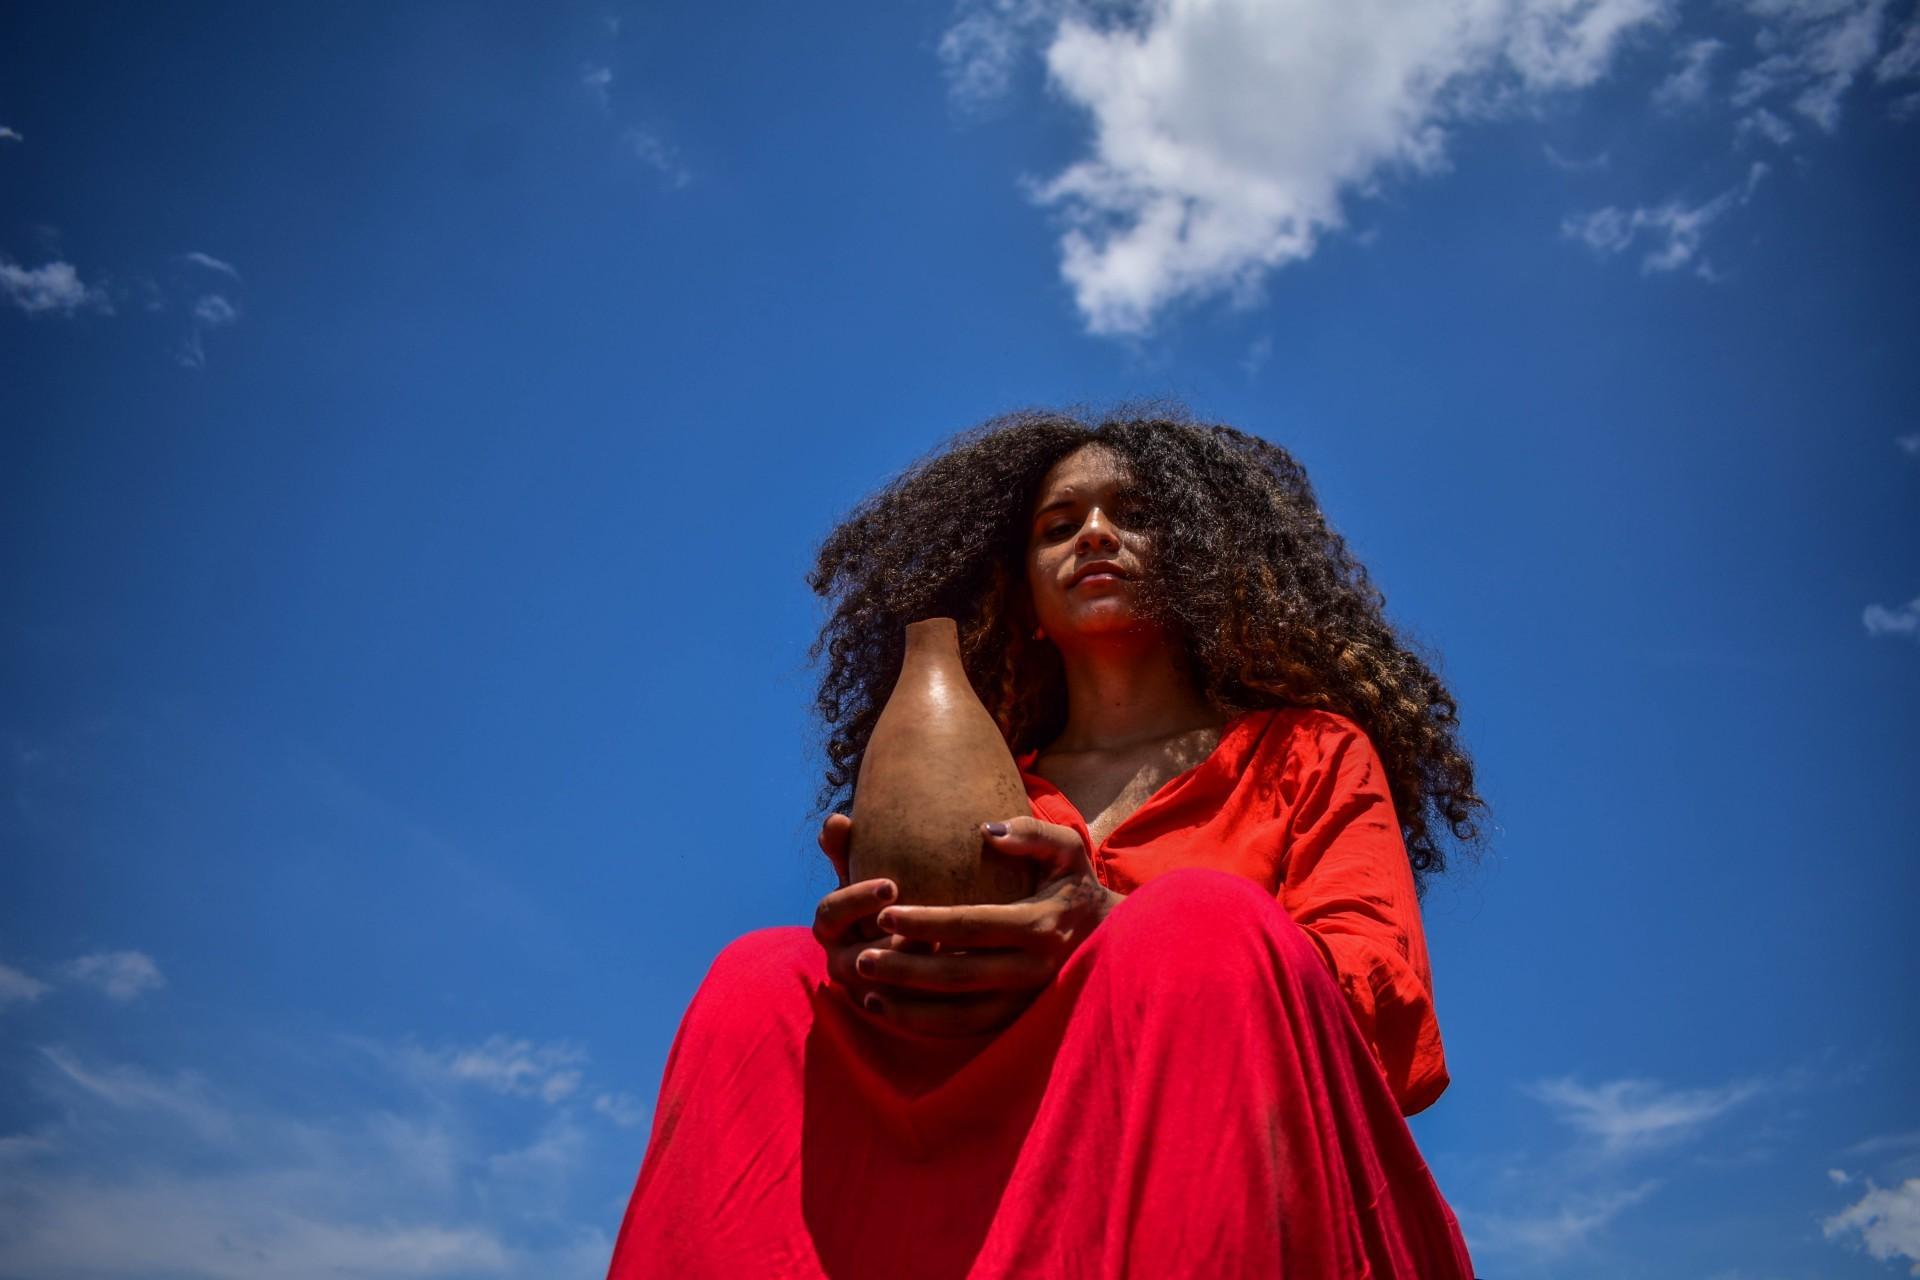 'Dança para um futuro cego' (2021), de Maria Macêdo (Foto: JAQUE RODRIGUES/Divulgação)